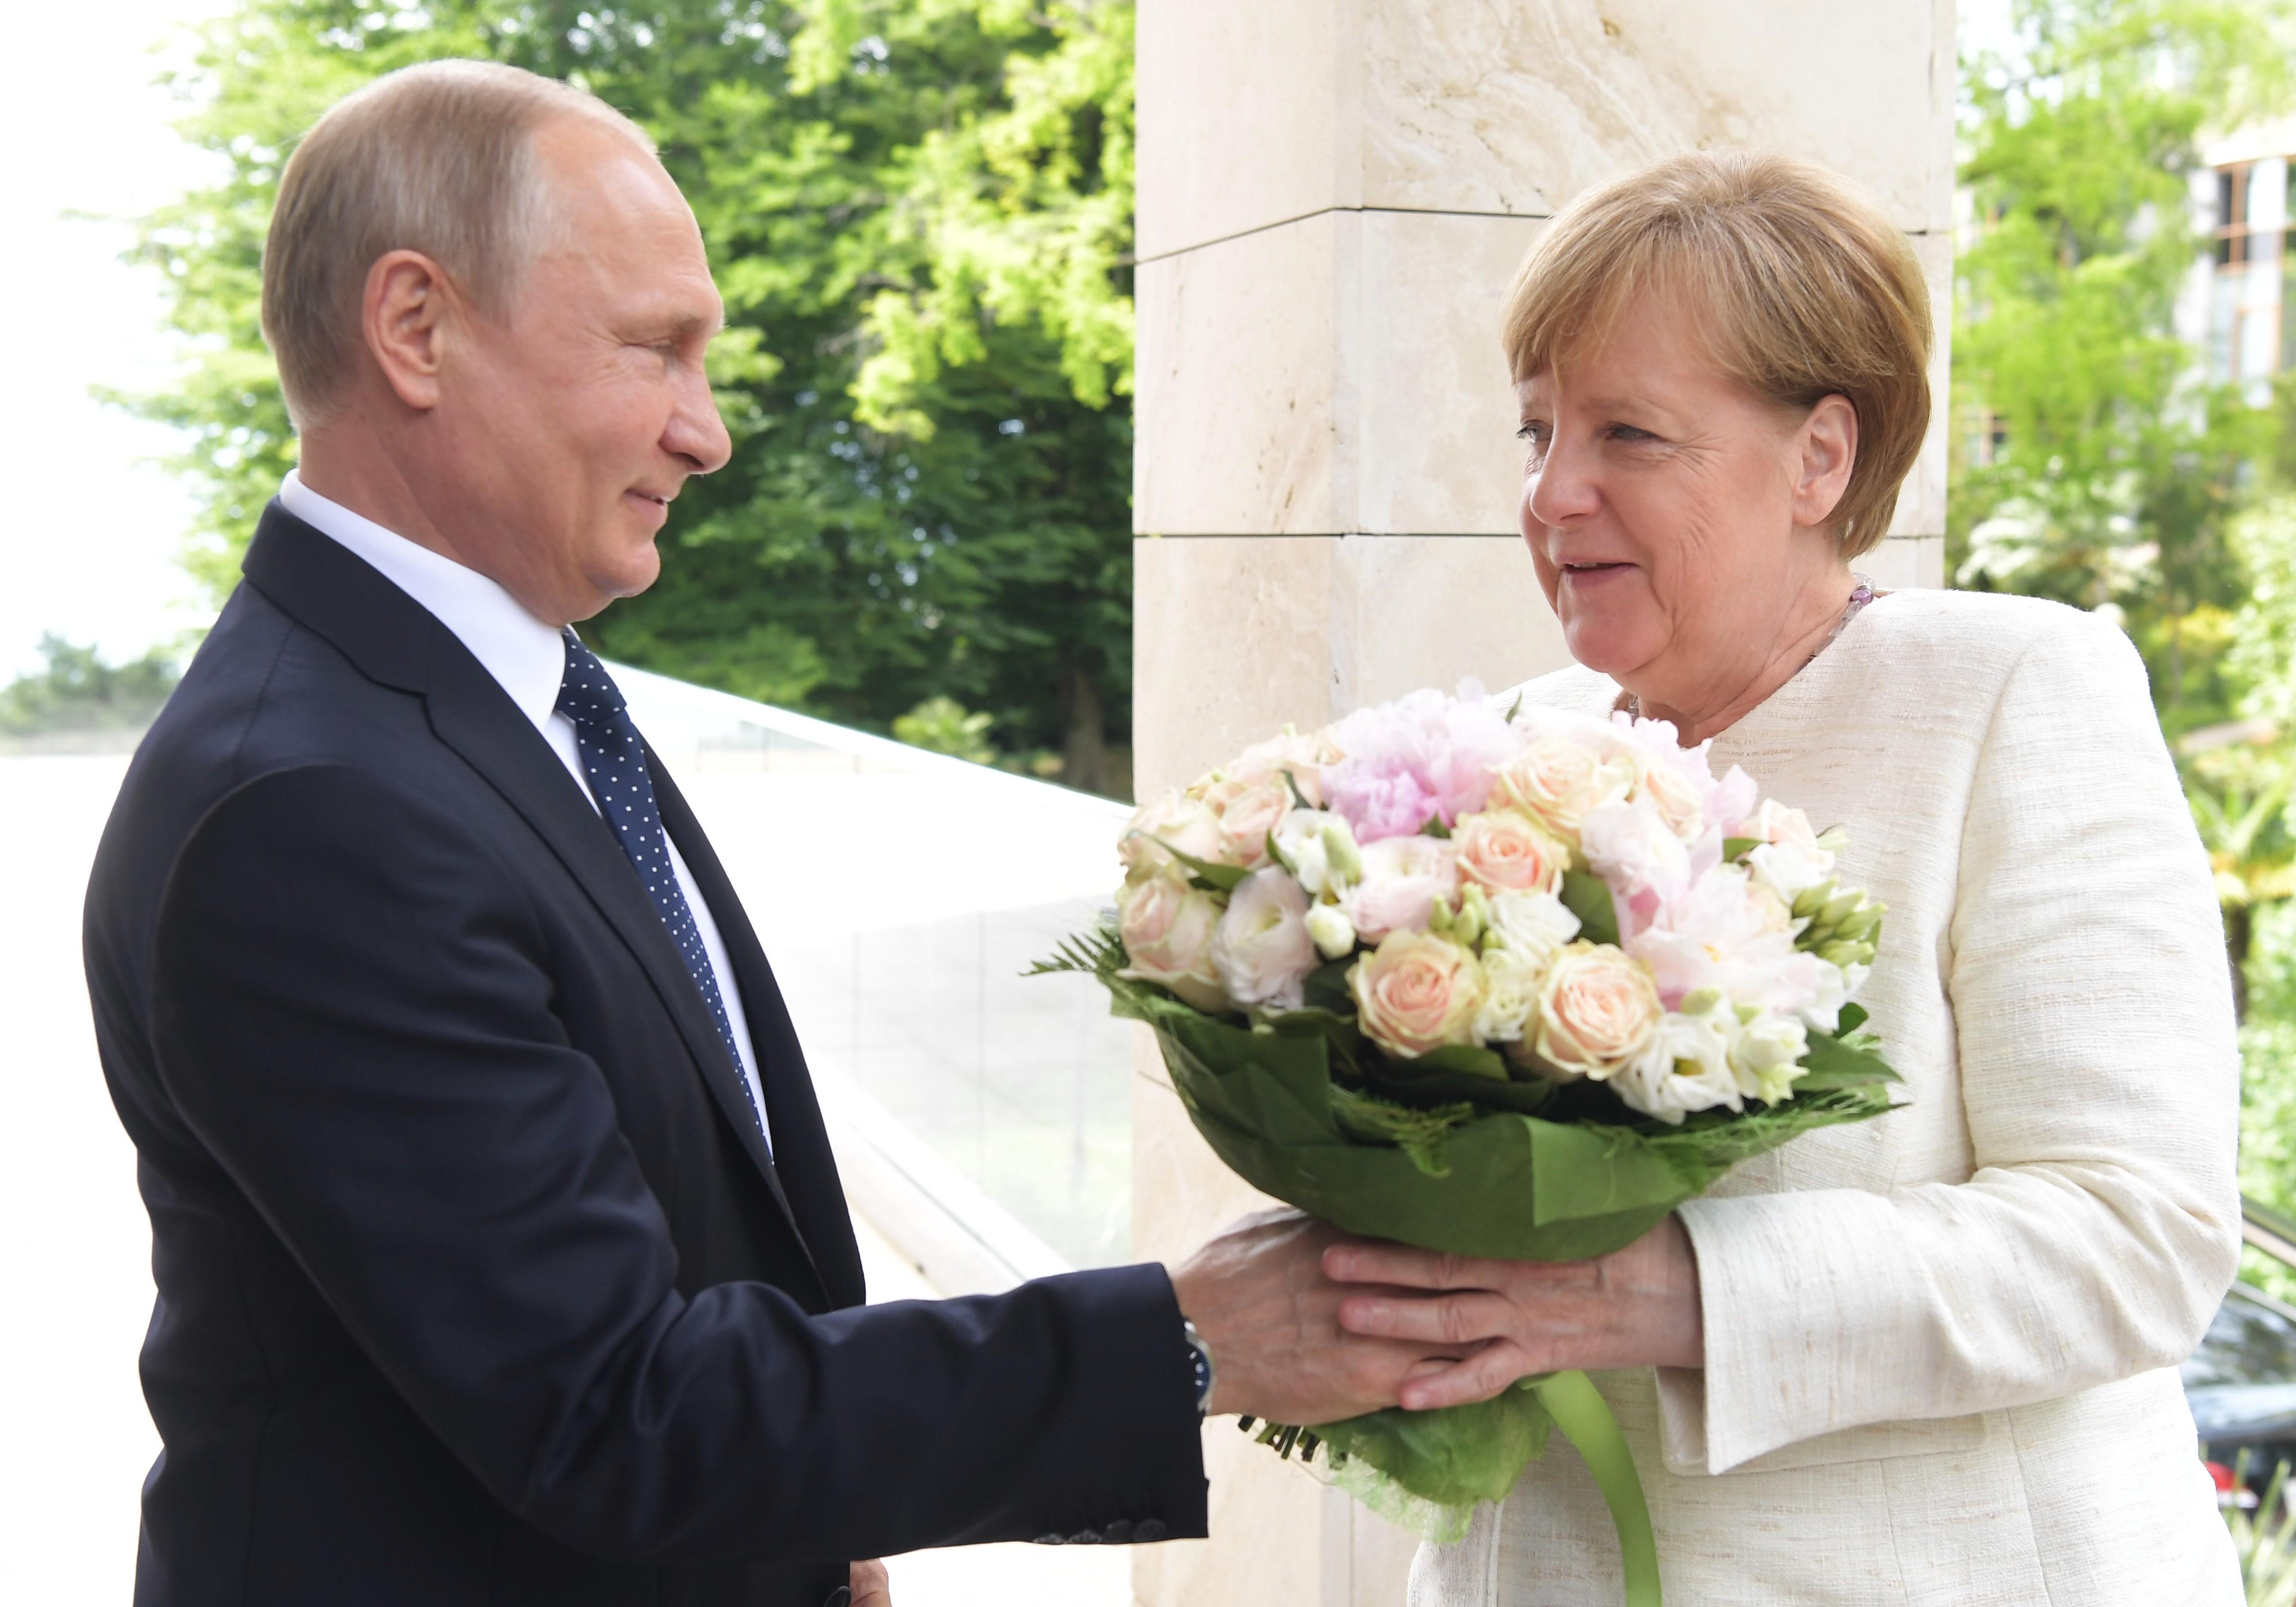 <p>Владимир Путин и Ангела Меркель. Фото: &copy; РИА Новости / Сергей Гунеев</p>